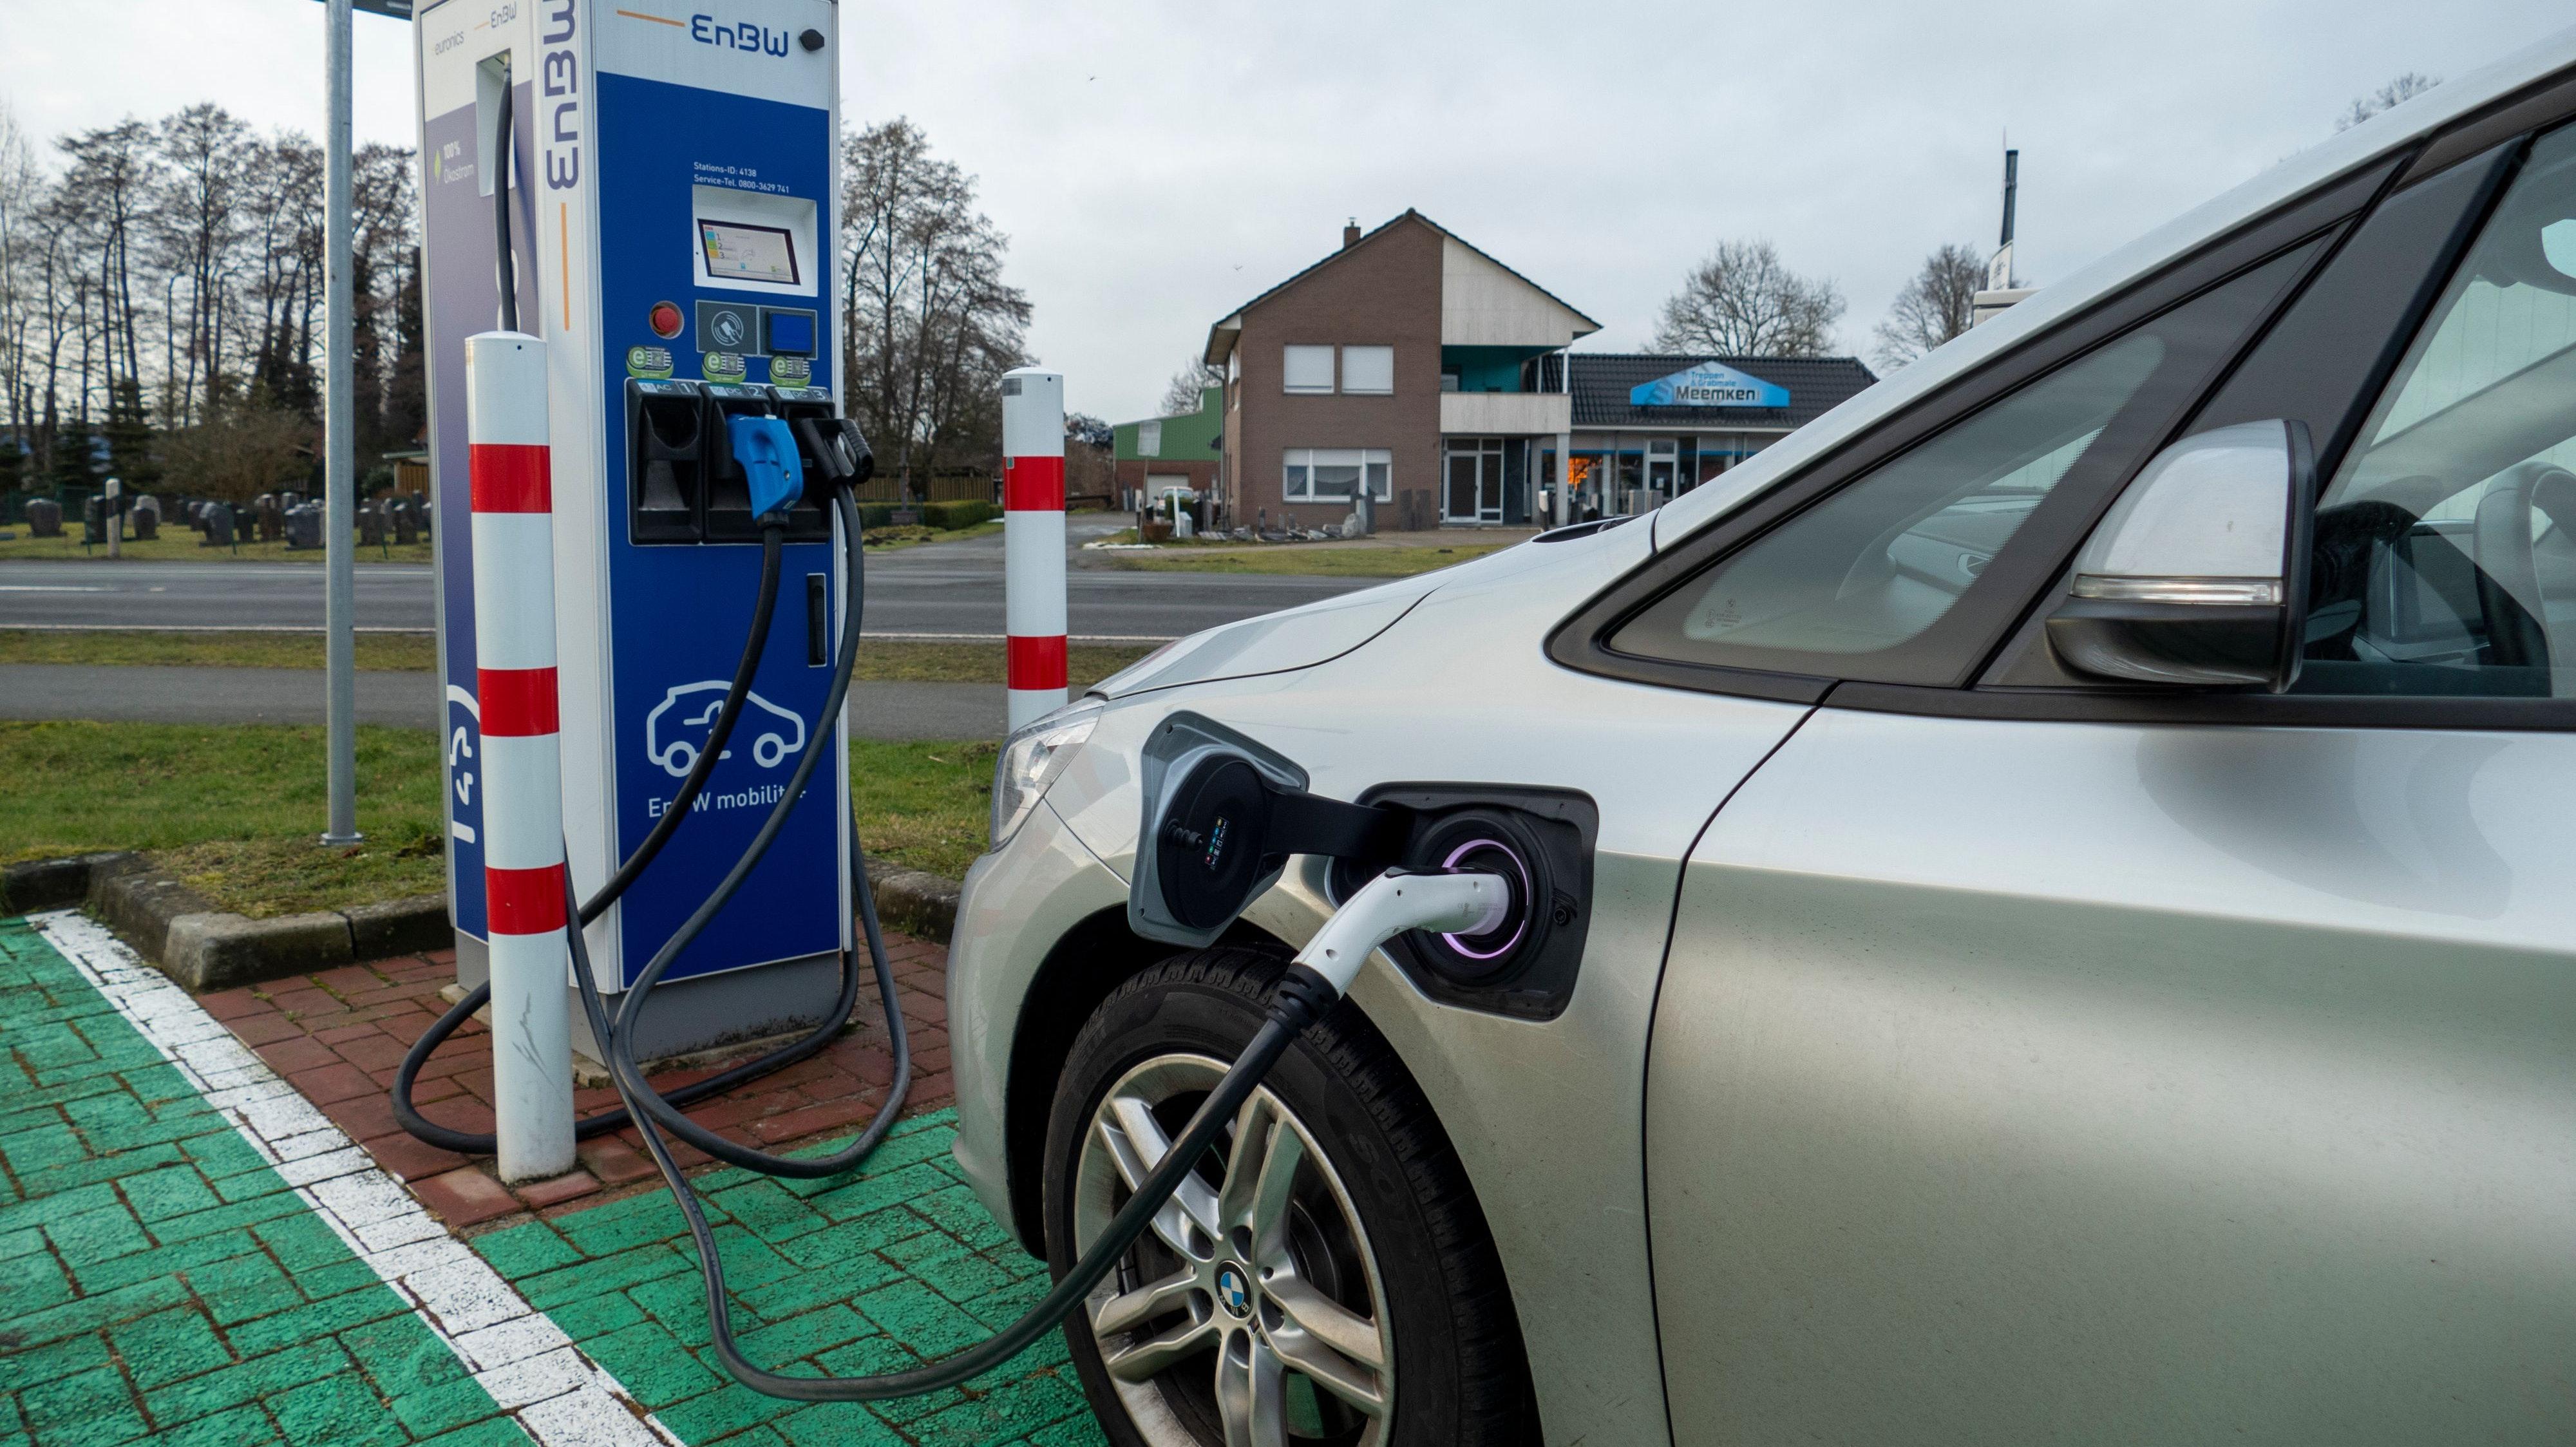 Trotz Boom nur eine Nische: Die Elektromobilität verzeichnet auch im Nordkreis hohe Steigerungsraten. Insgesamt aber machen E-Autos am Gesamtbestand nach wie vor nur einen extrem geringen Prozentsatz aus. Foto: Stix